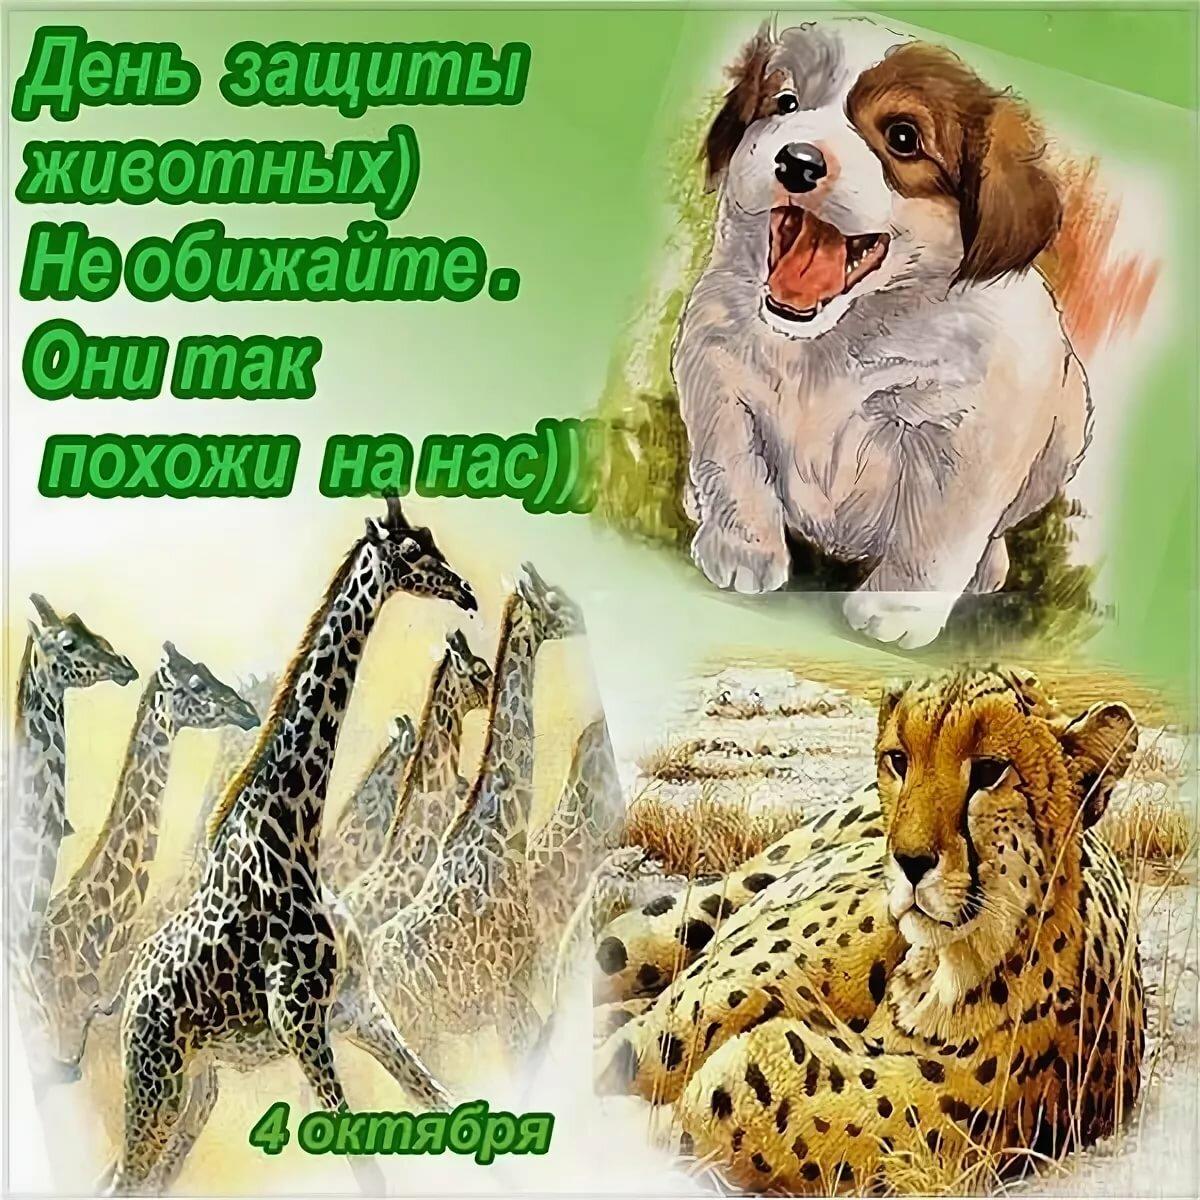 пал картинки день защиты животных 4 октября его участием